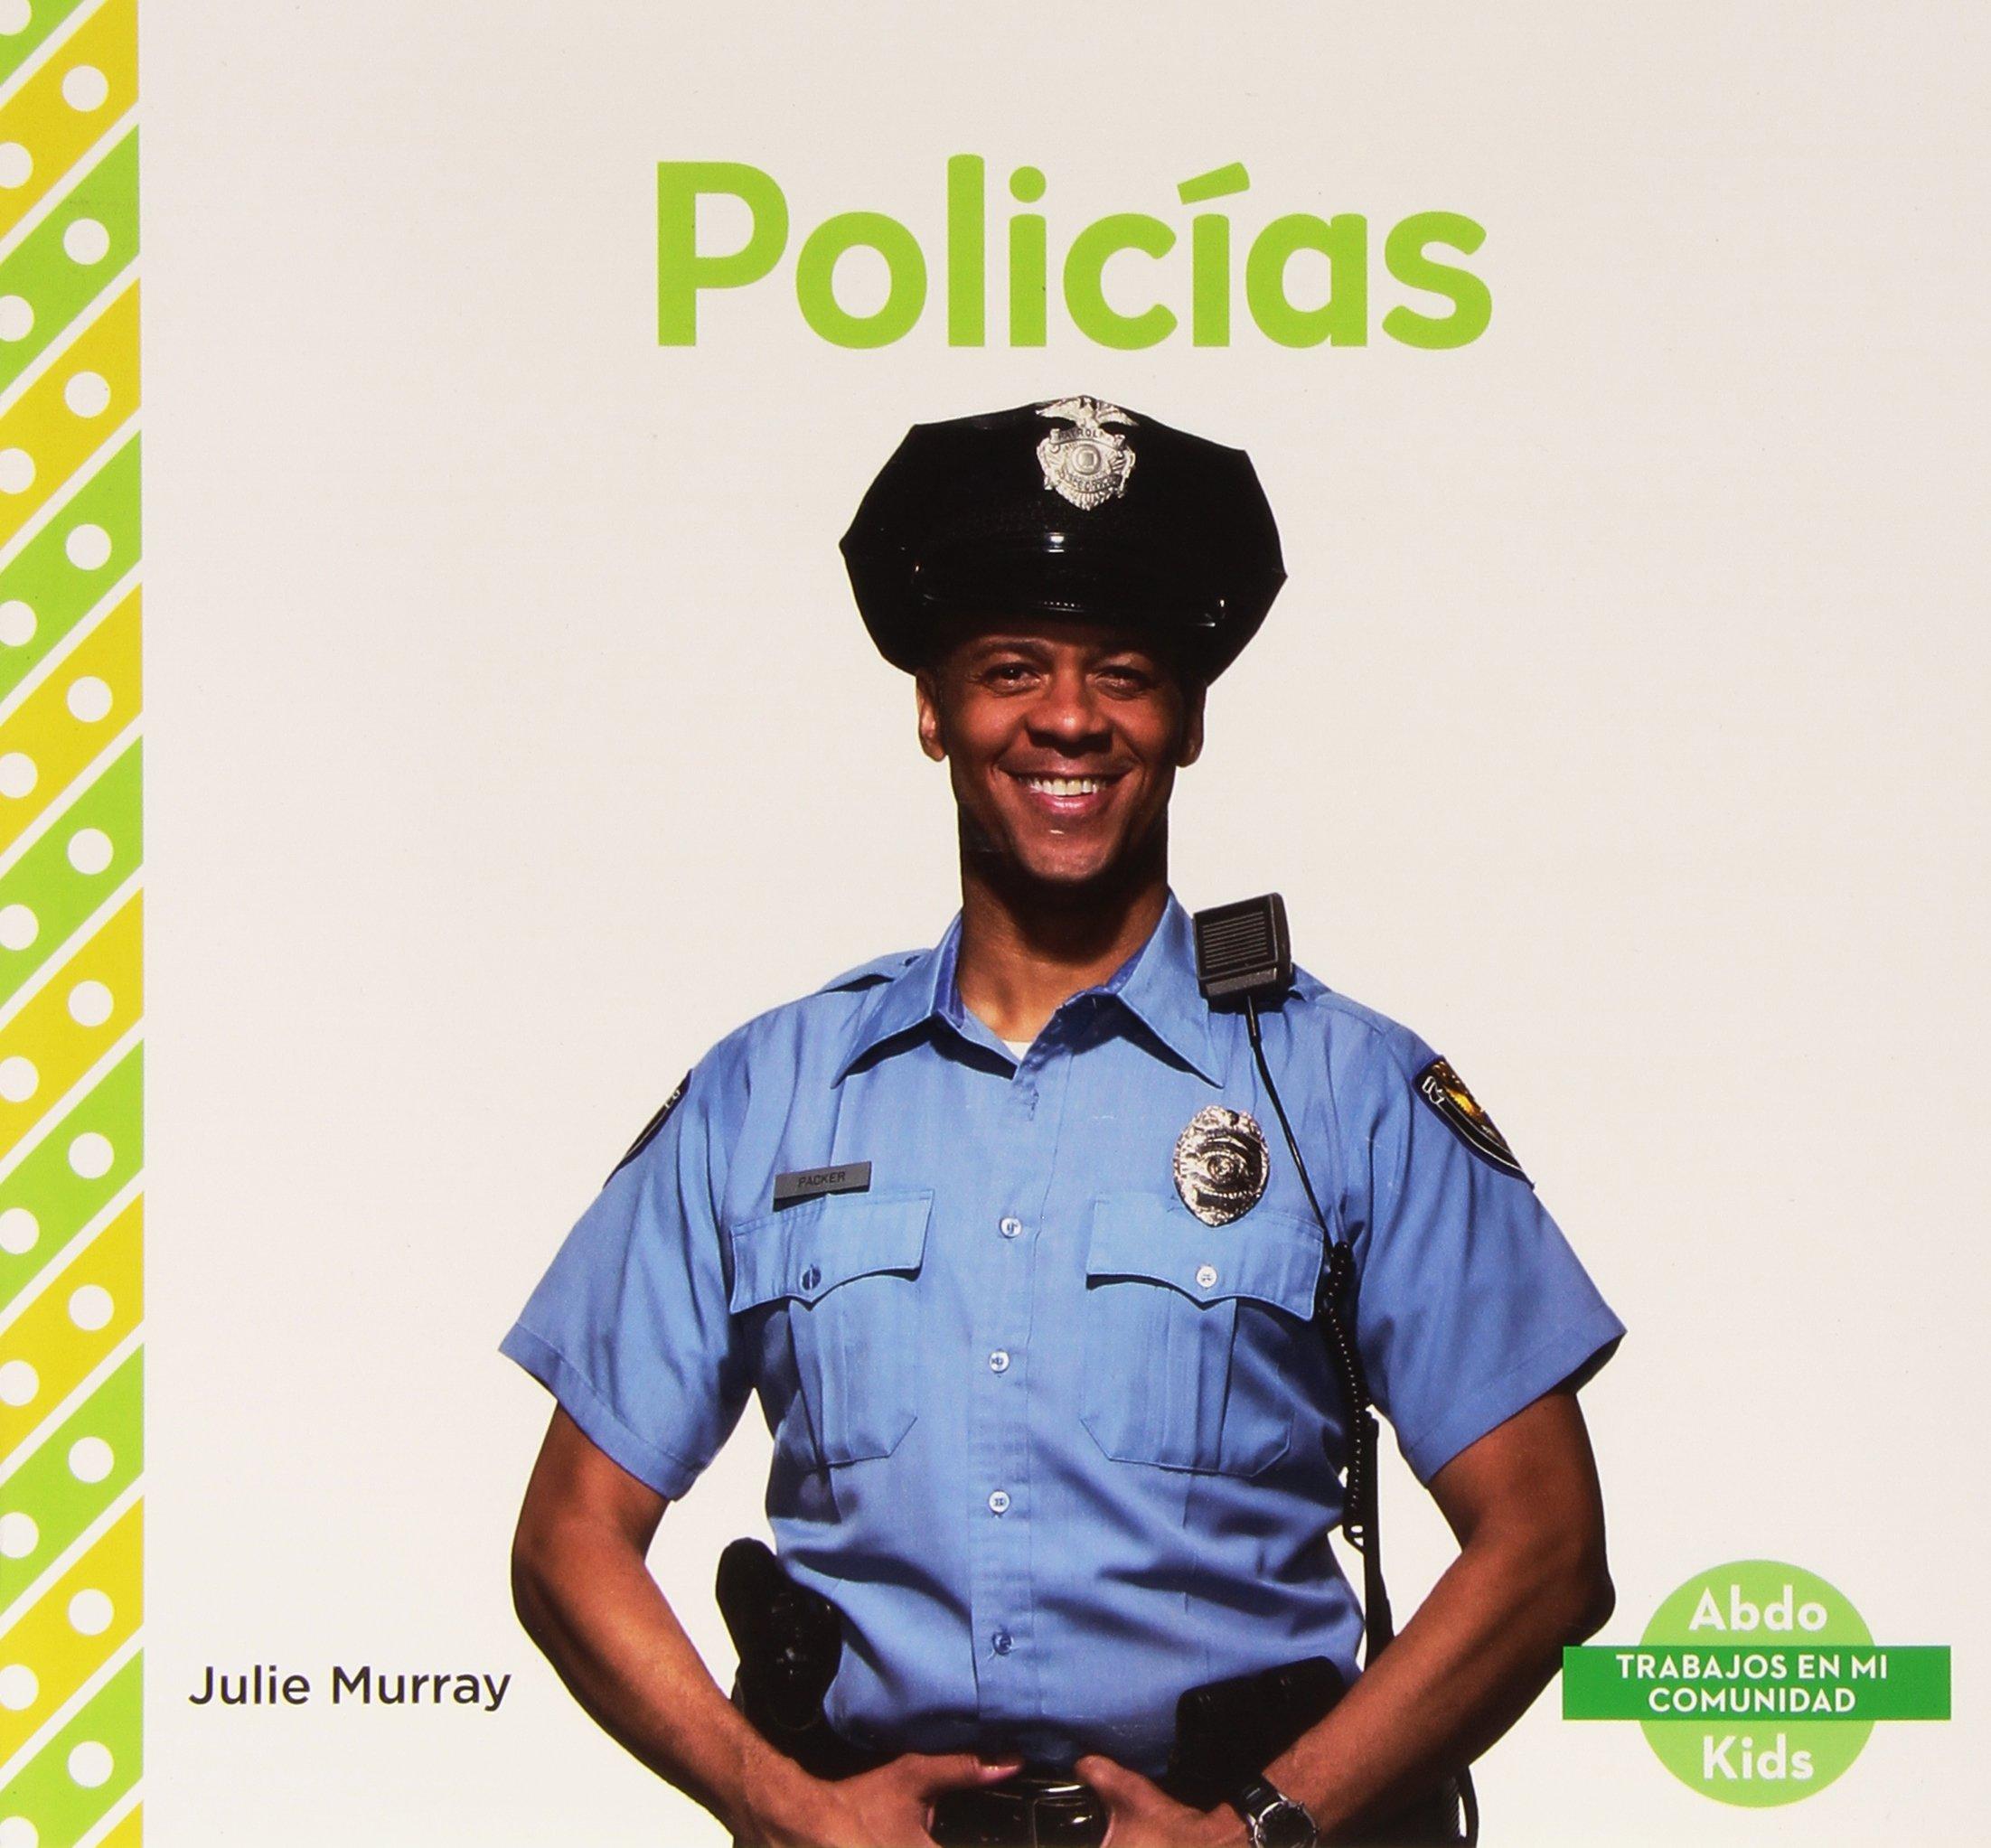 Download Policias (Trabajos En Mi Comunidad) (Spanish Edition) (Abdo Kids: trabajos en mi comunidad) PDF